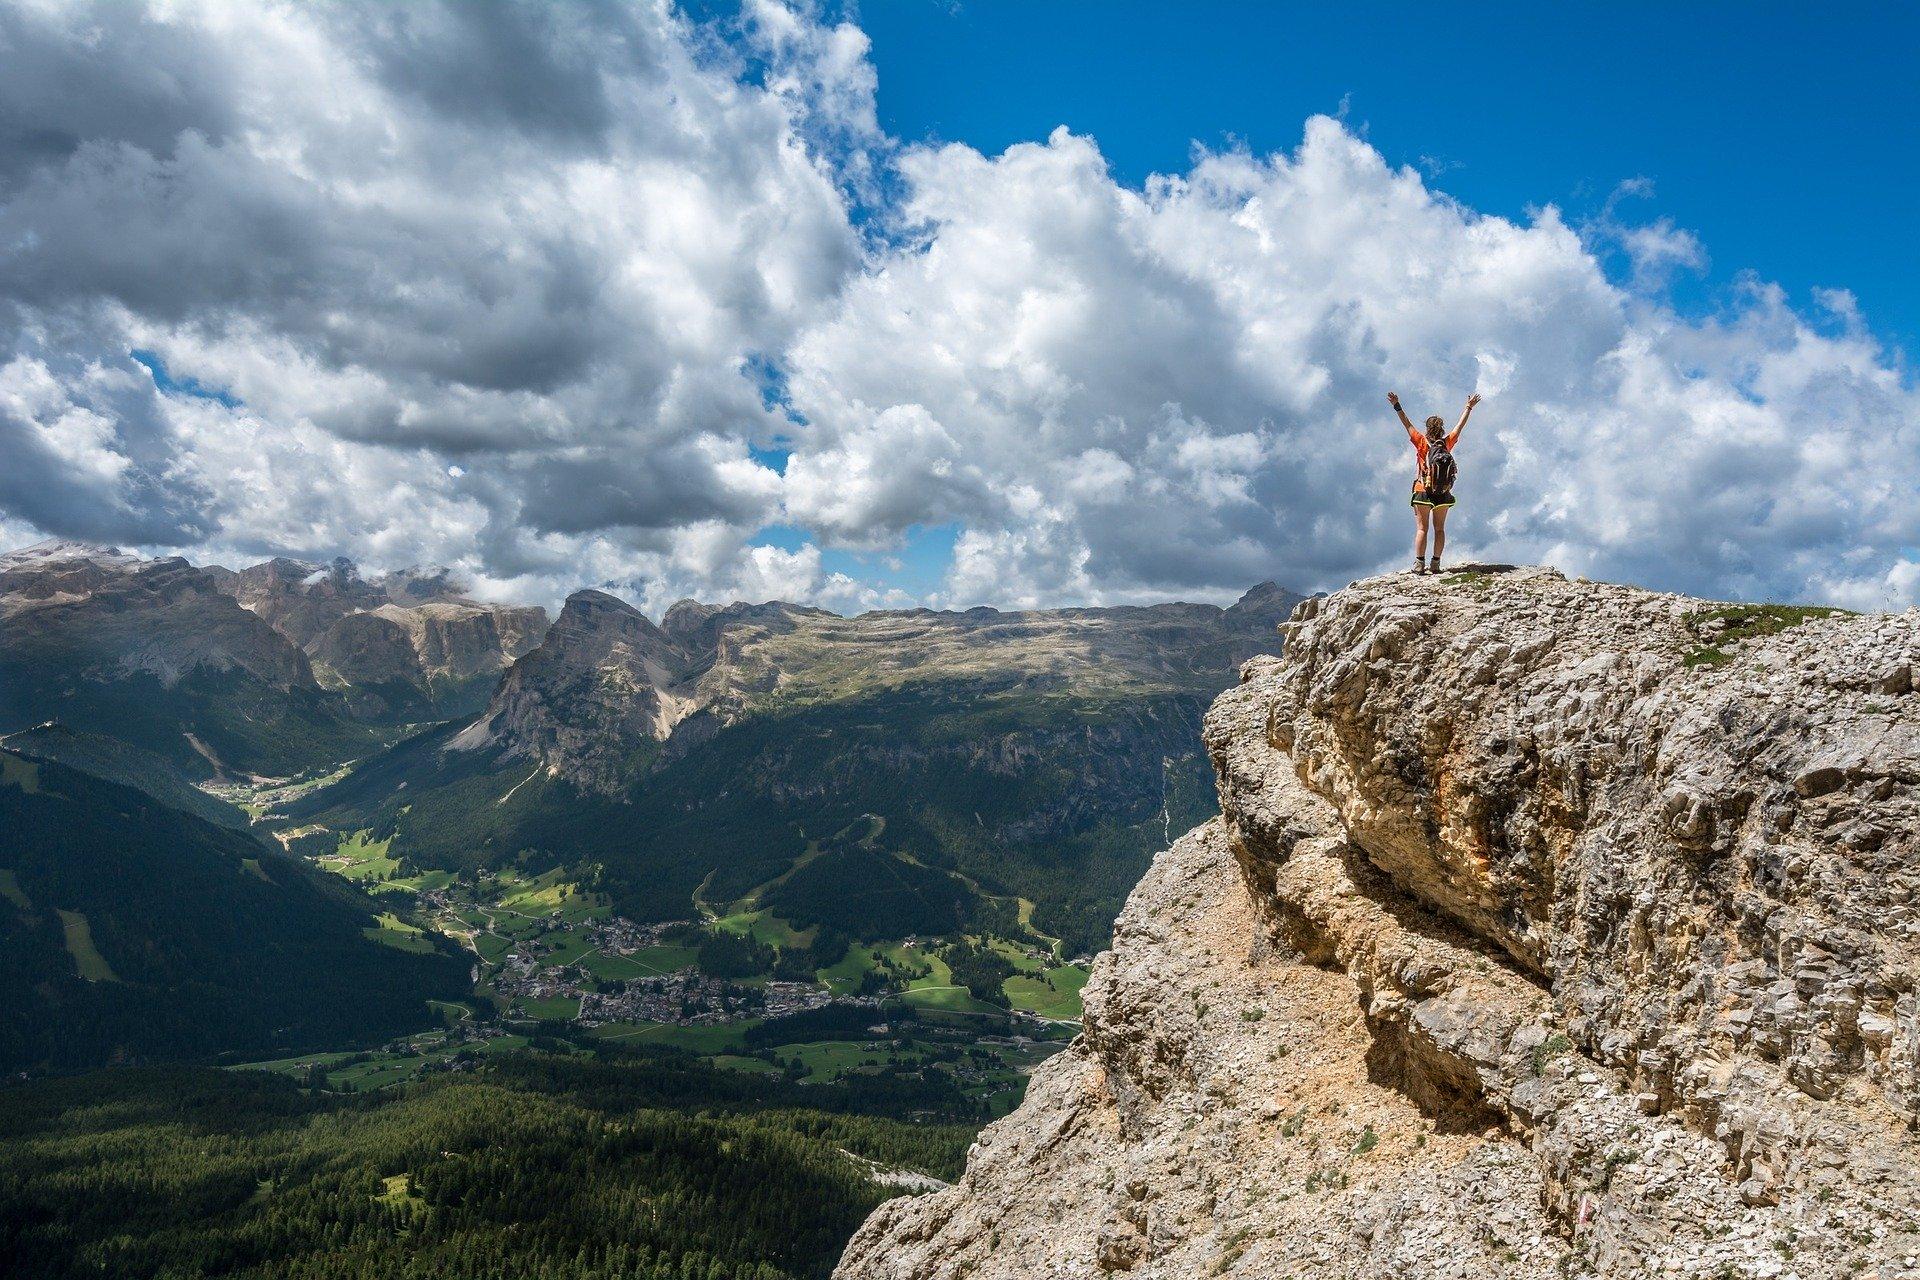 Voyage-randonnée-montagne- changer-habitudes